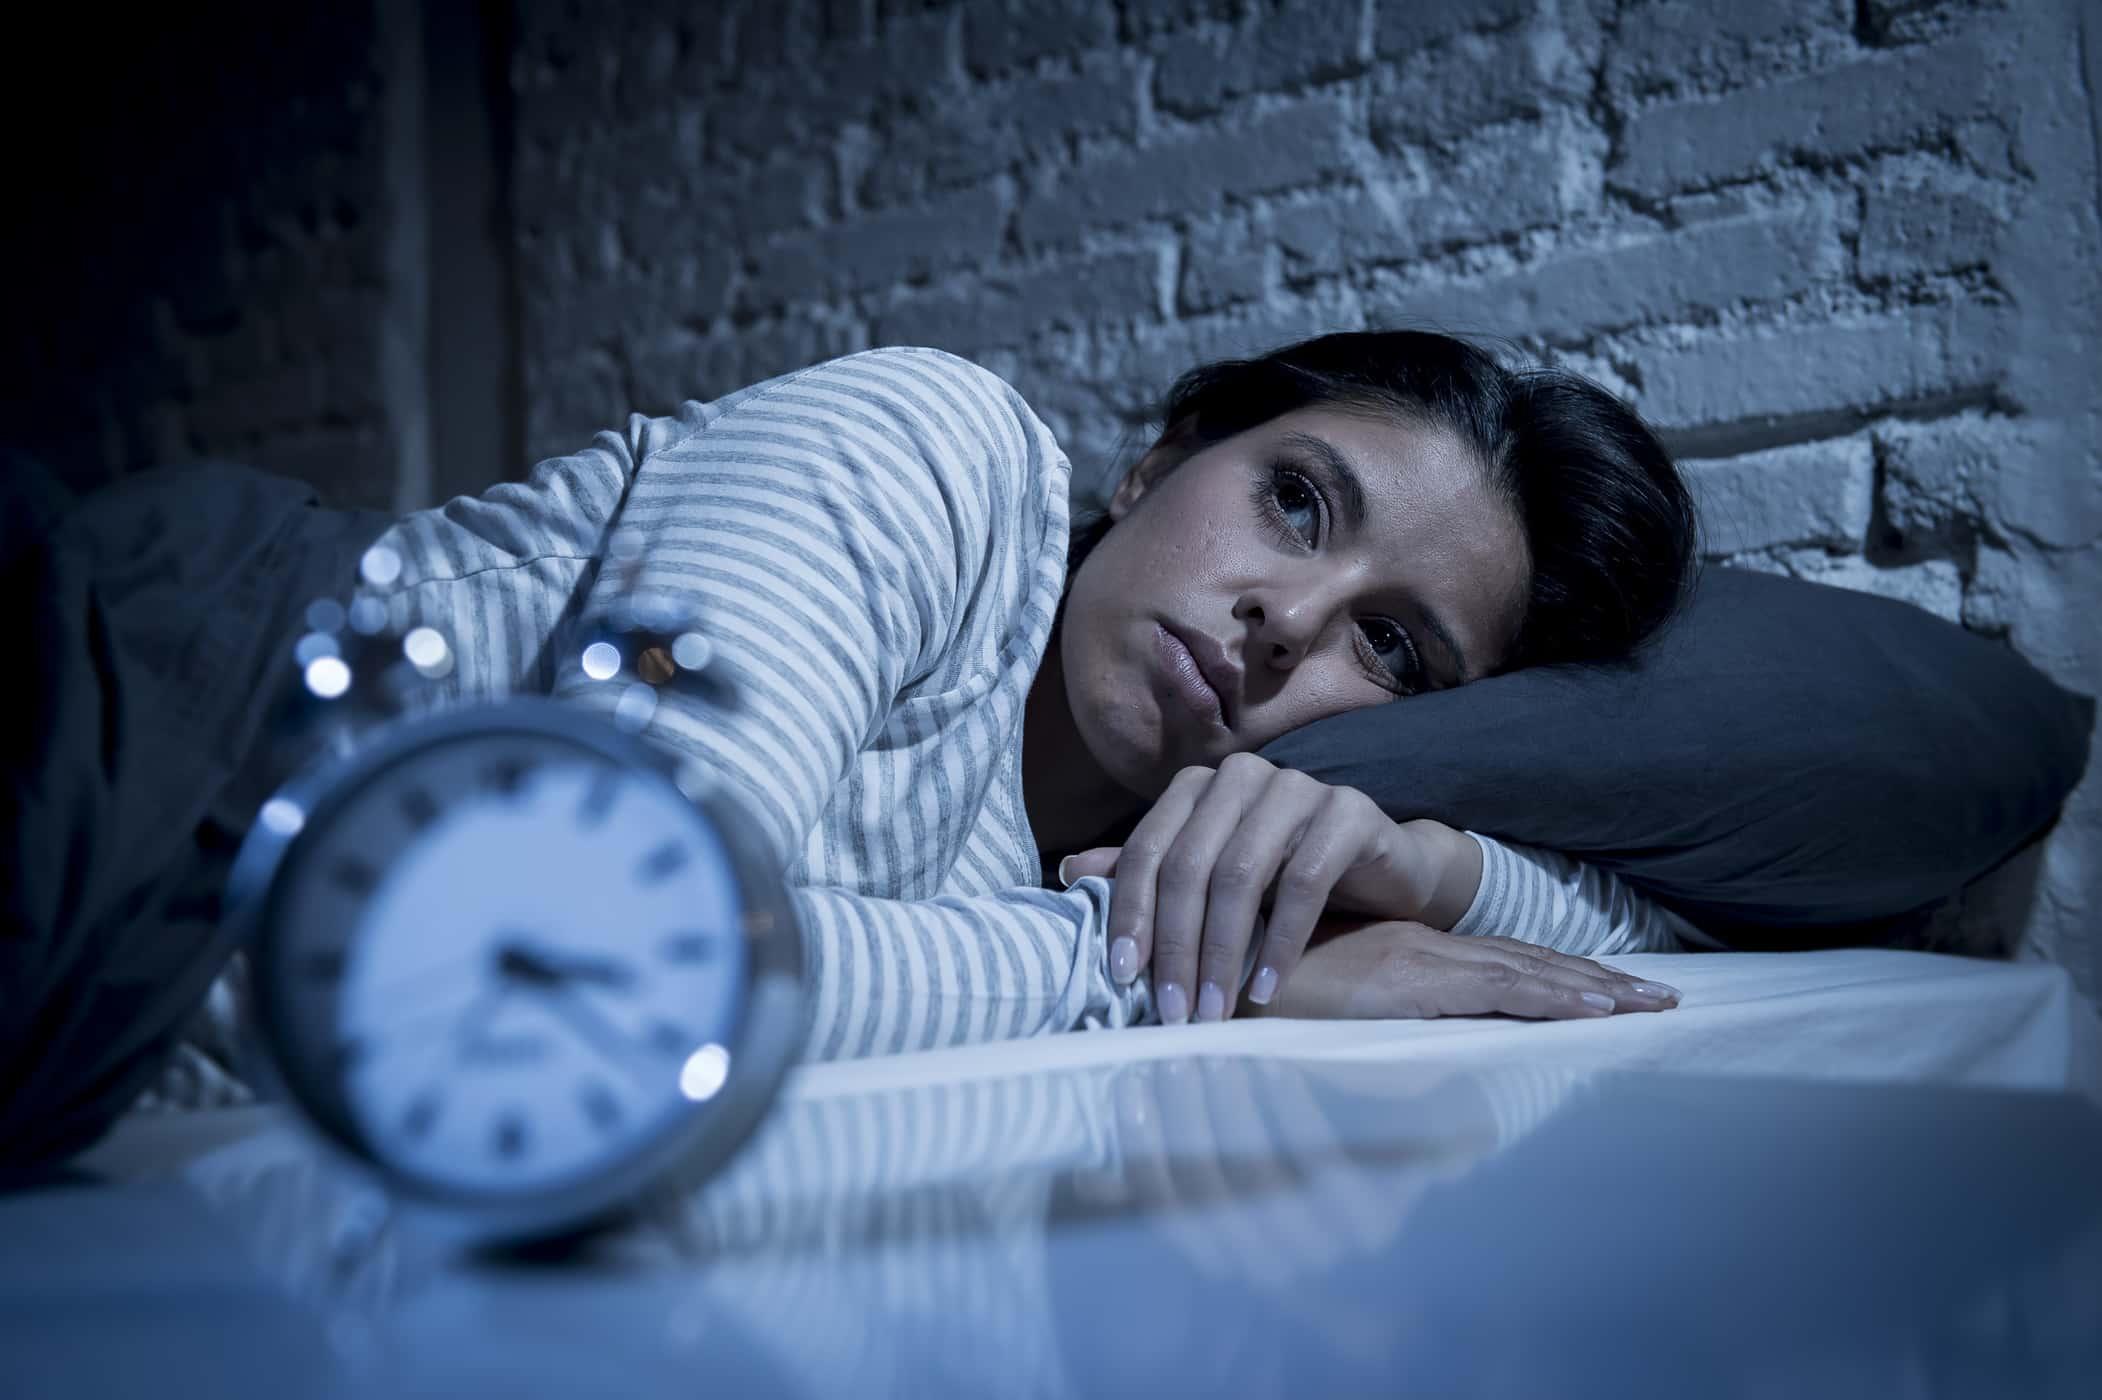 https: img-k.okeinfo.net content 2017 06 19 481 1719605 ternyata-6-hal-ini-bisa-sebabkan-jadwal-tidur-anda-terganggu-YFuAr7WJrD.jpg